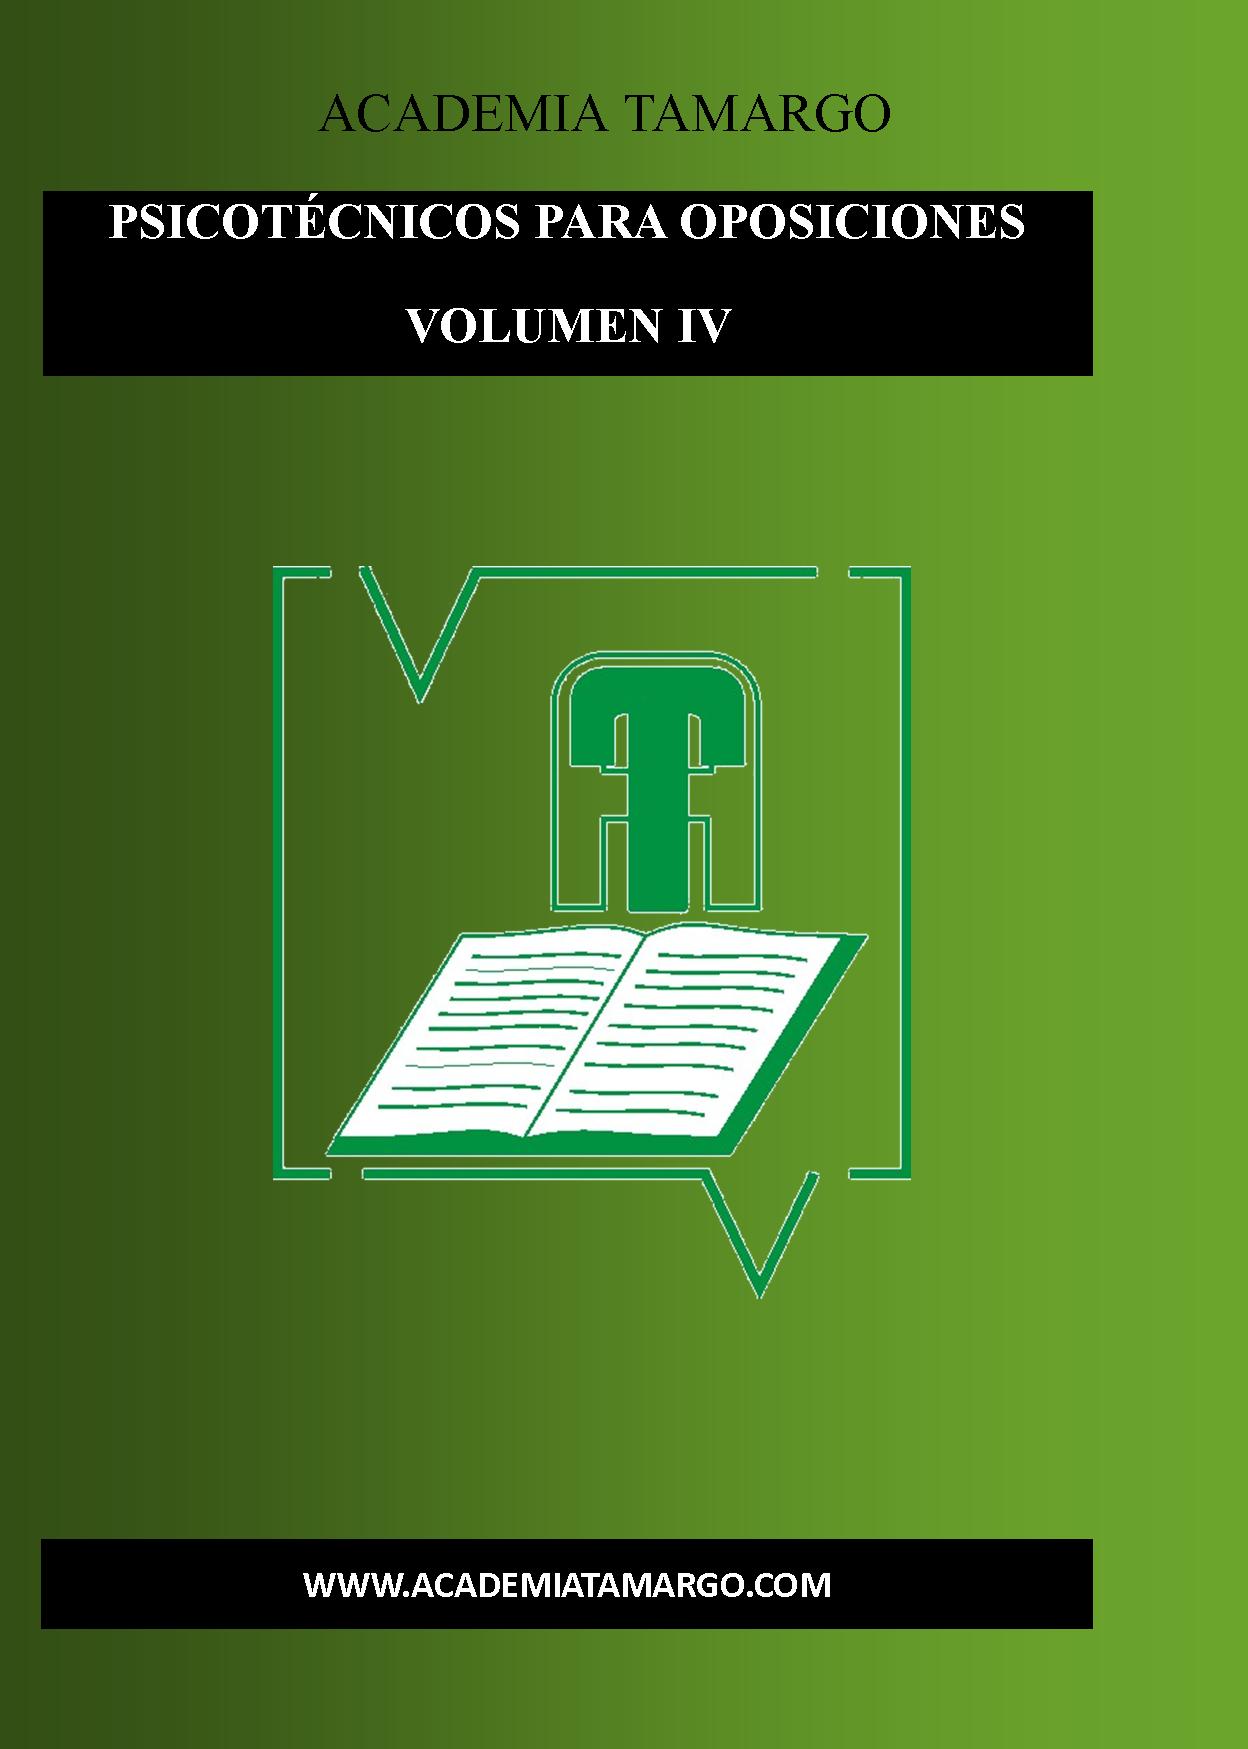 portada, contraportada y lomo de PSICOTÉCNICOS VOLUMN iv